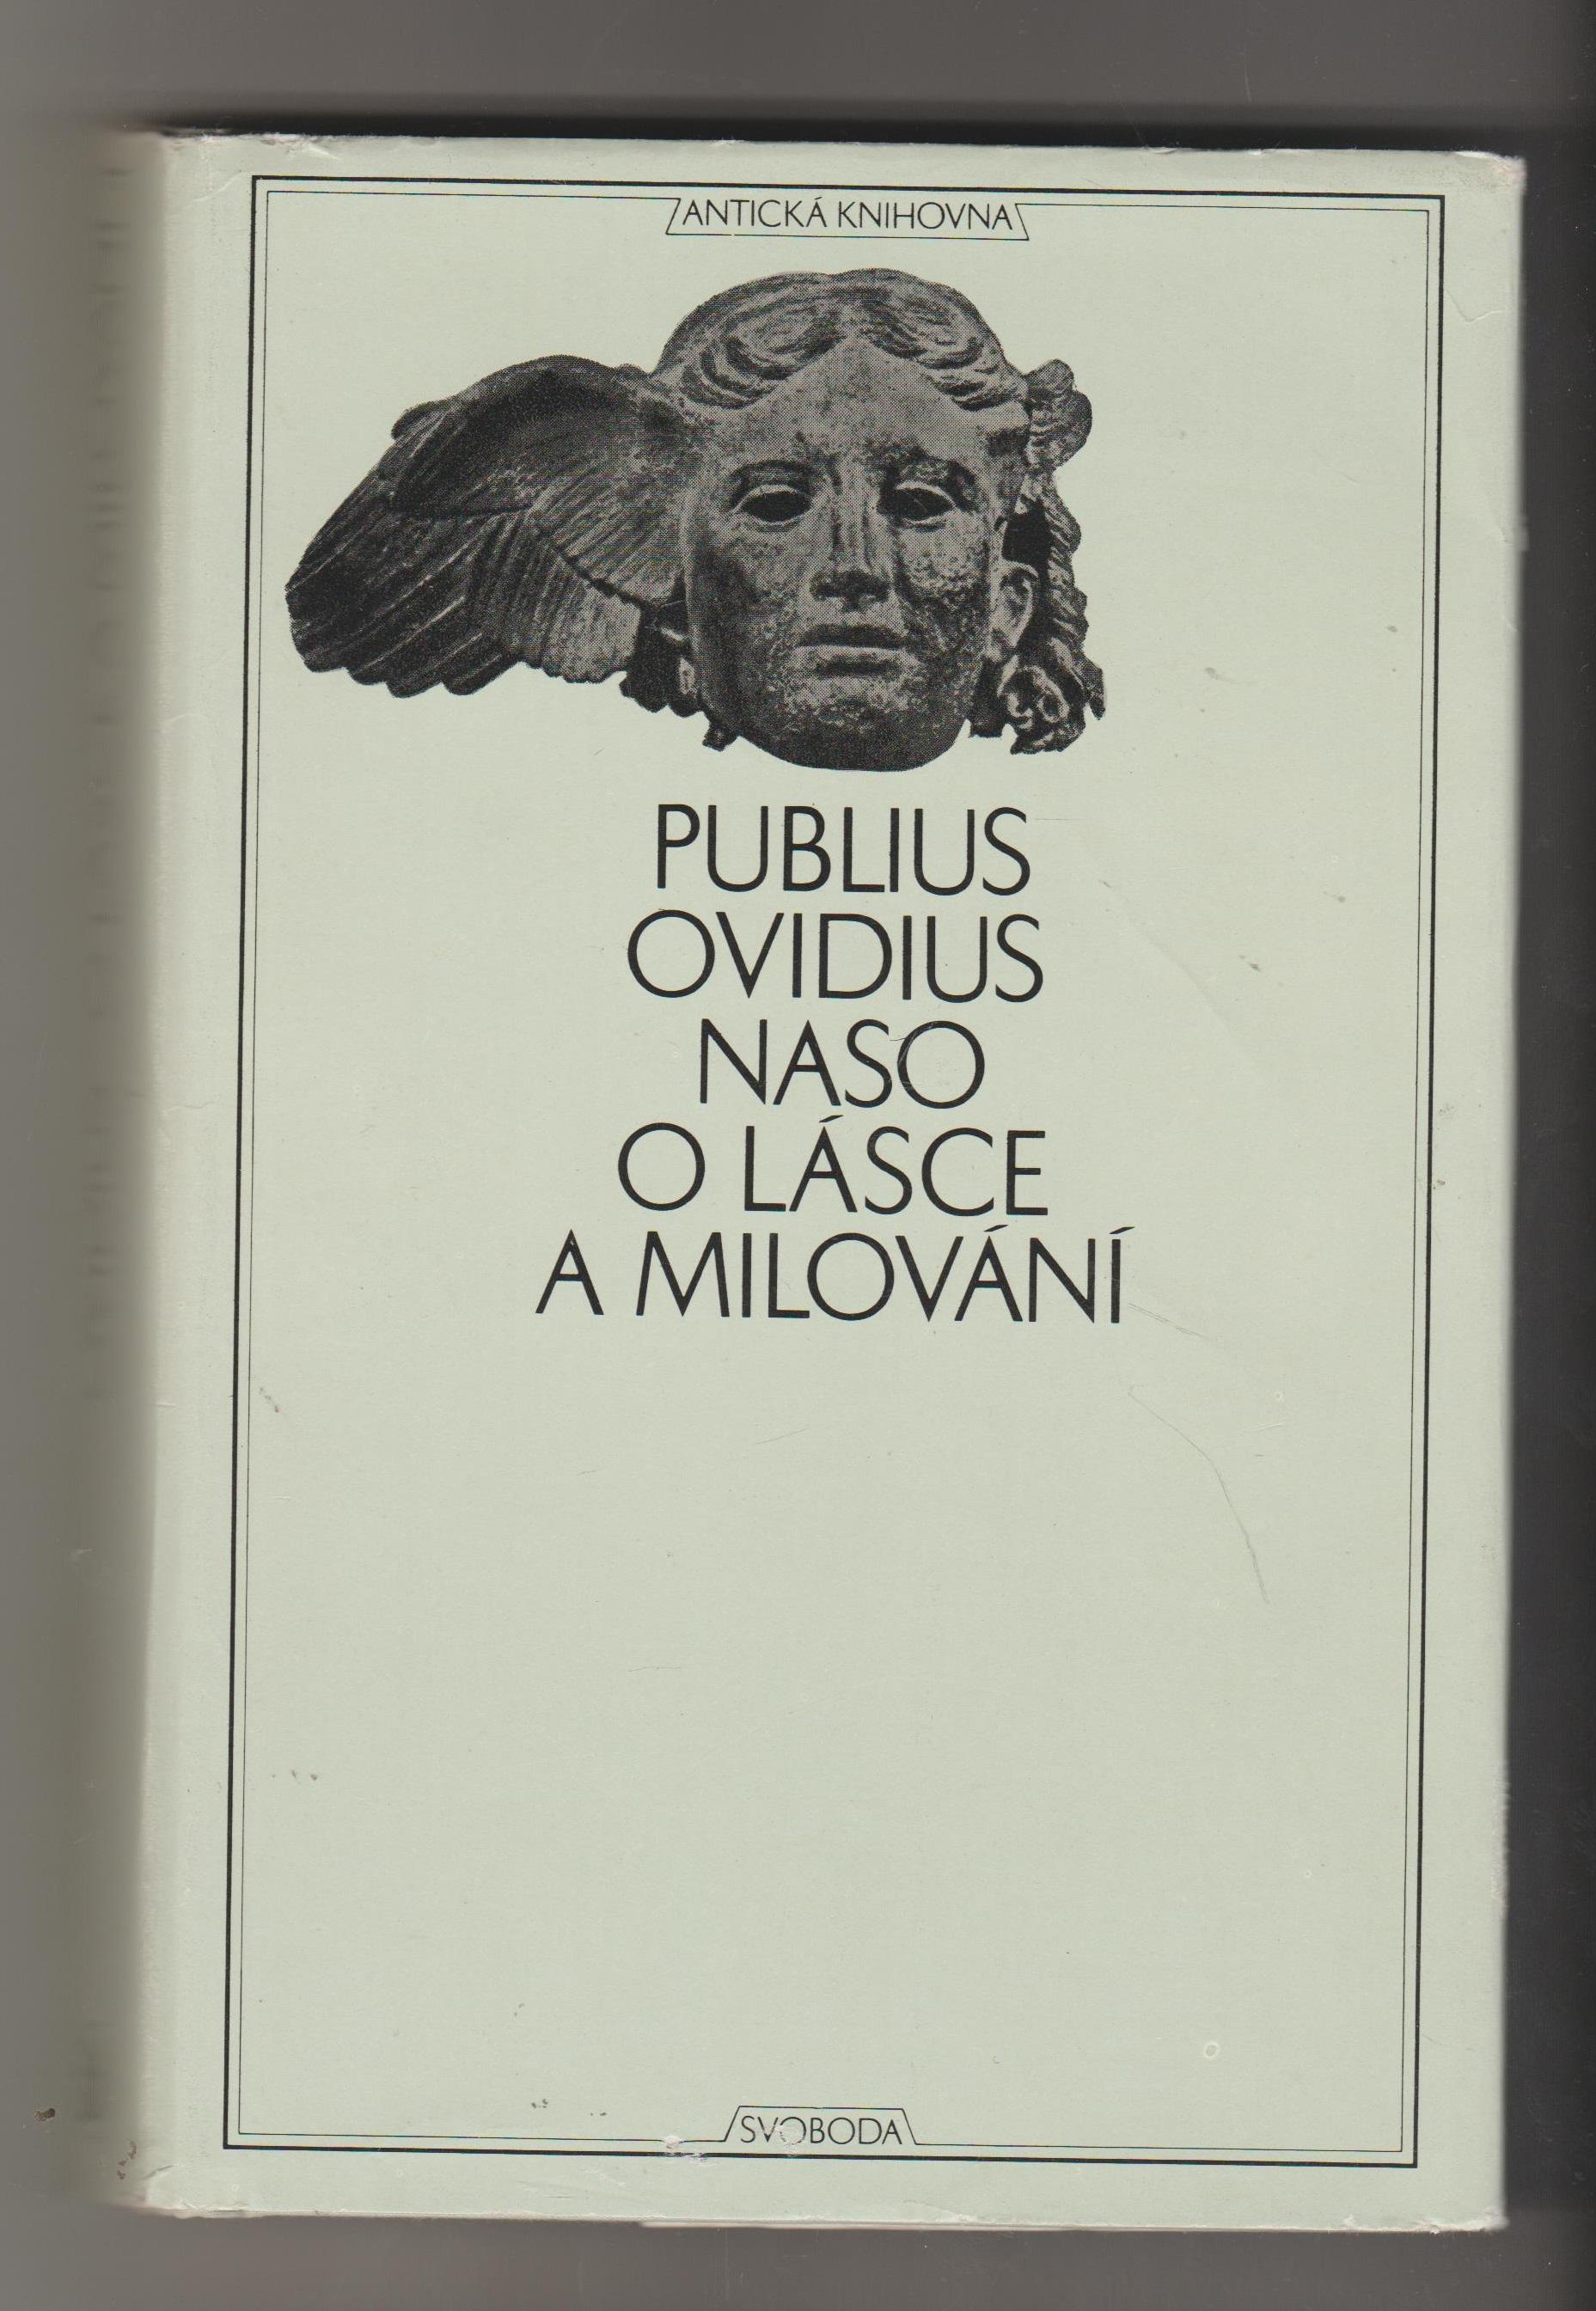 O lásce a milování - Publius Ovidius Naso